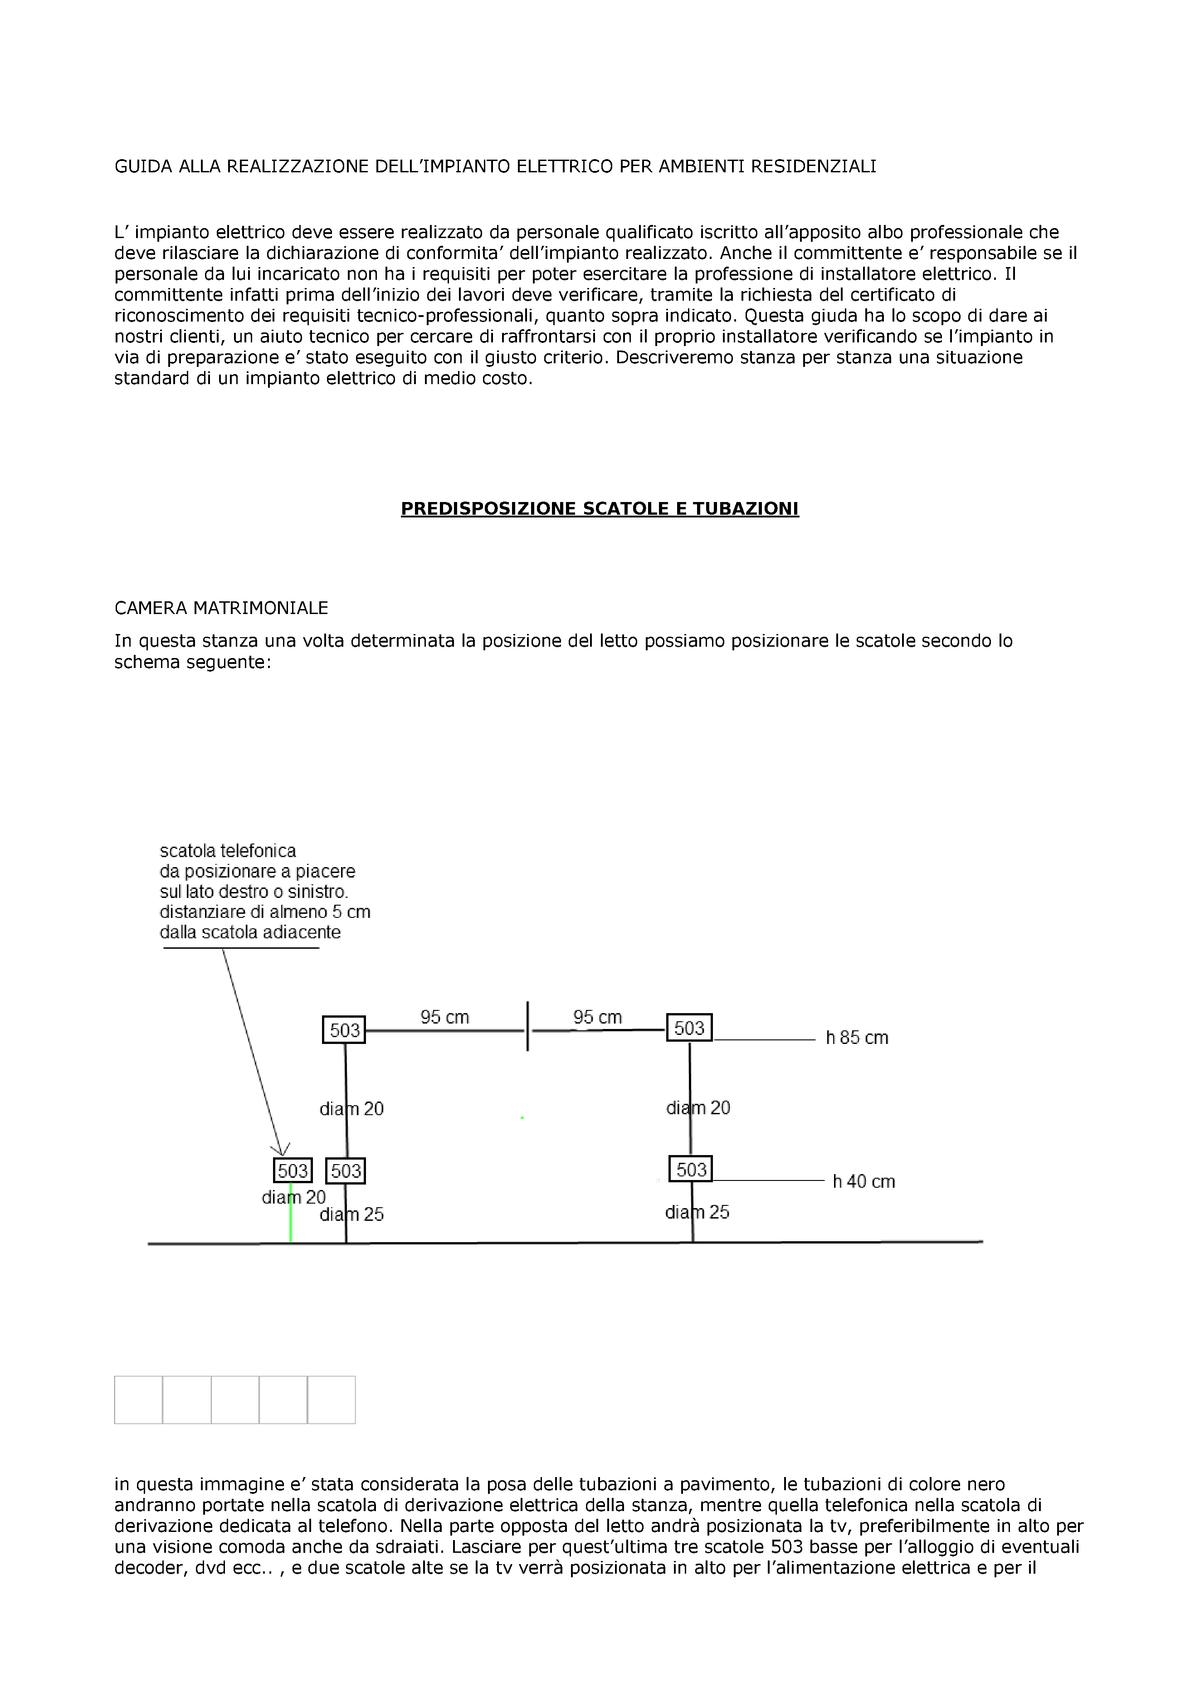 Impianto Elettrico Camera Matrimoniale.Guida Alla Realizzazione Impianto Elettrico 1047587 Economia